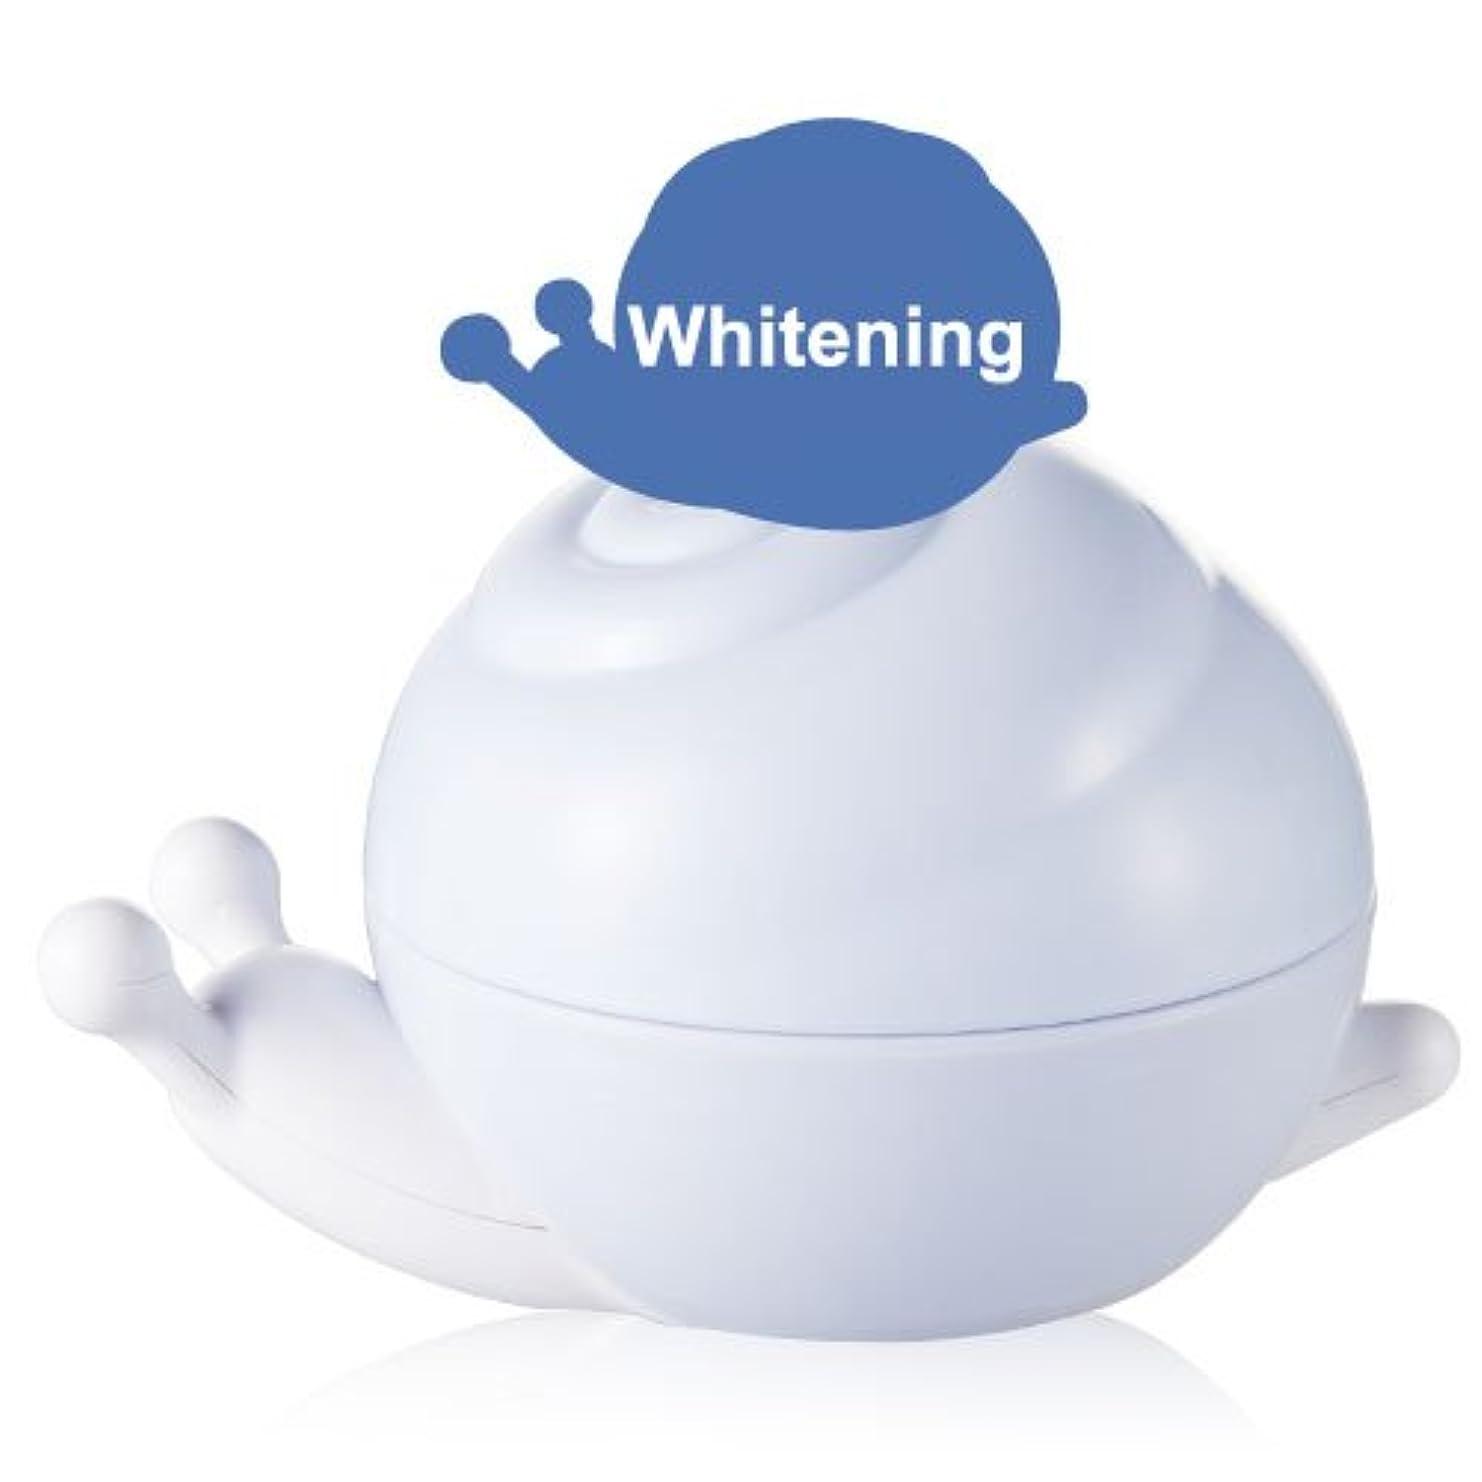 ムス浴室ダルセットレディキン アフィニティック ホワイトニング モイスチャーライザー [海外直送品][並行輸入品]